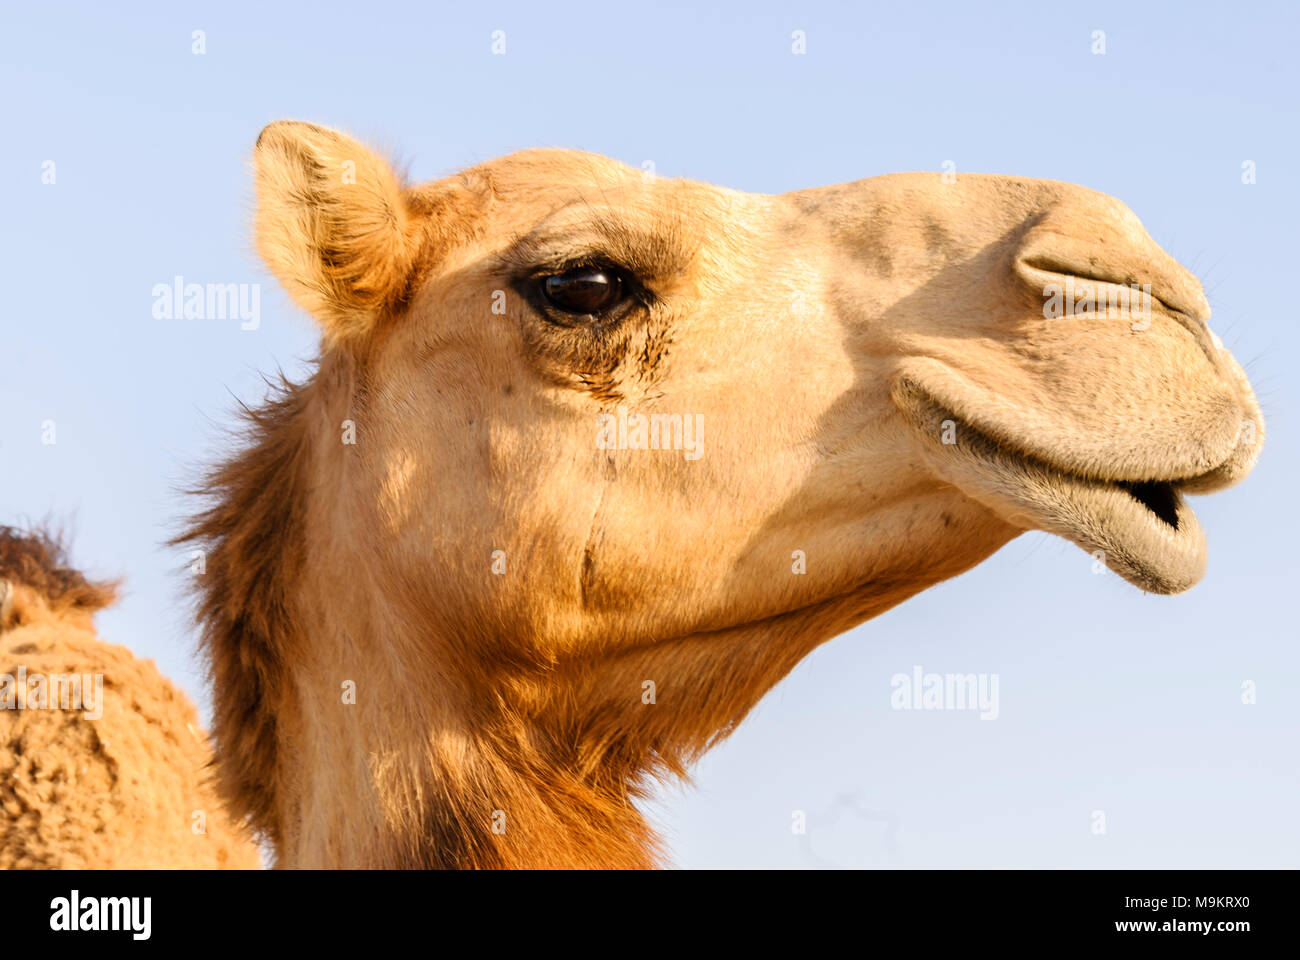 Nahaufnahme von einem Kamel Nase und Mund, Nasenlöcher geschlossen um zu halten, sand Stockbild